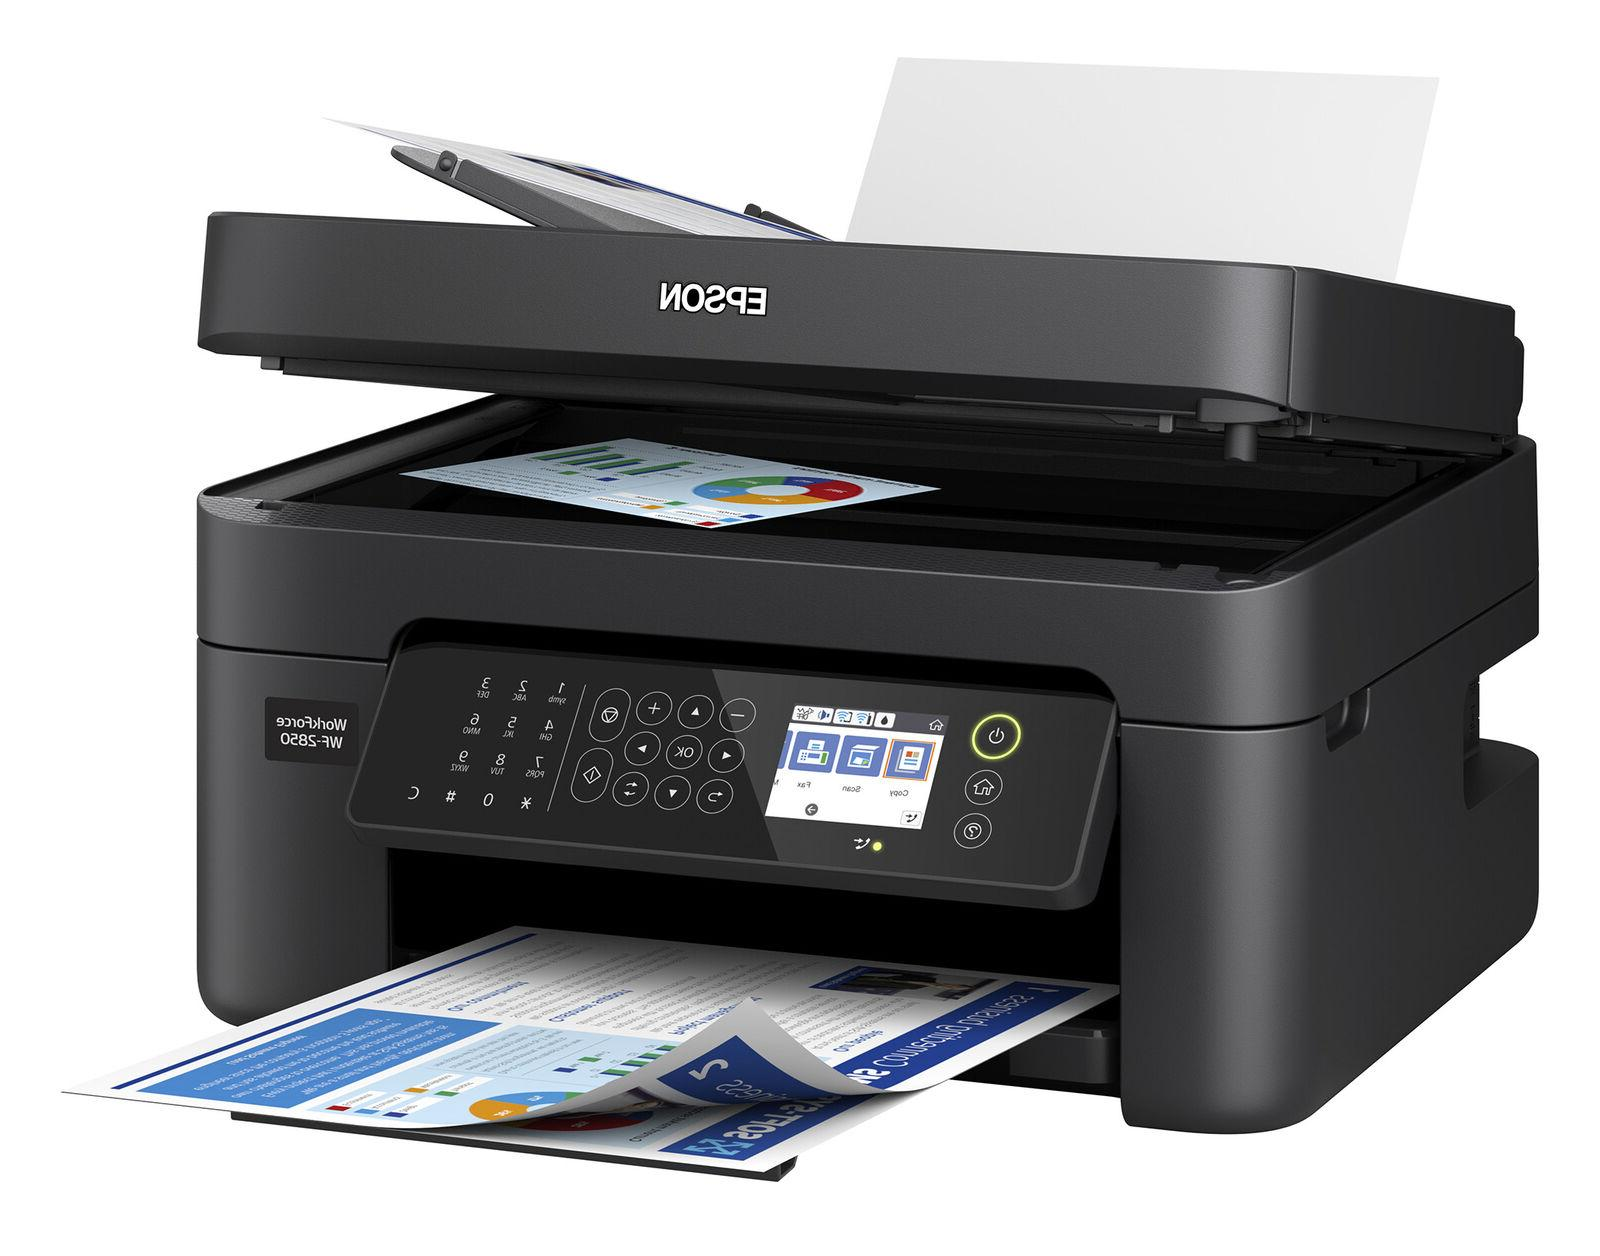 Epson Fax Scanner Copier Wireless